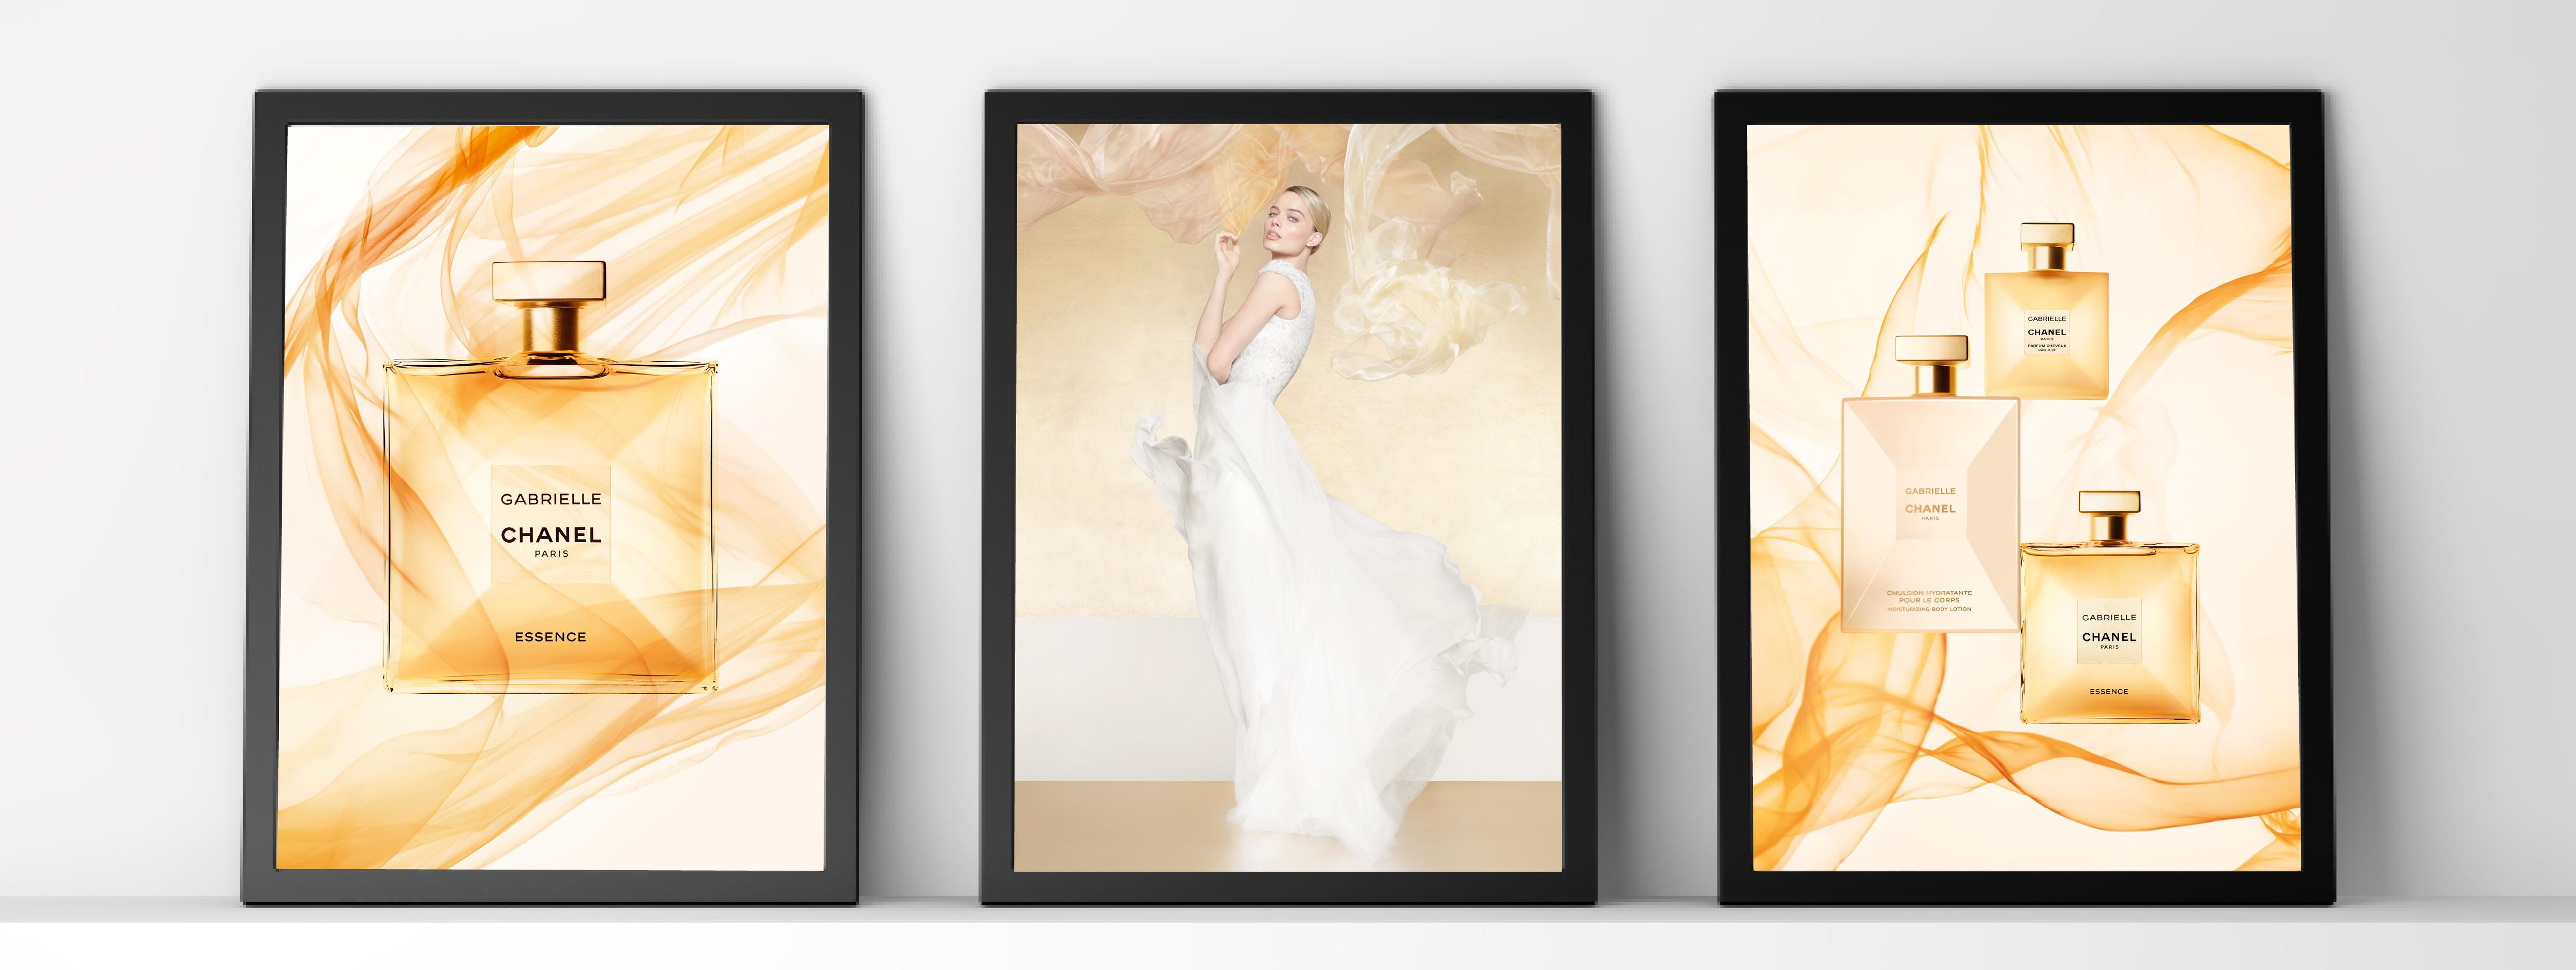 Gabrielle Chanel Essence Margot Robbie